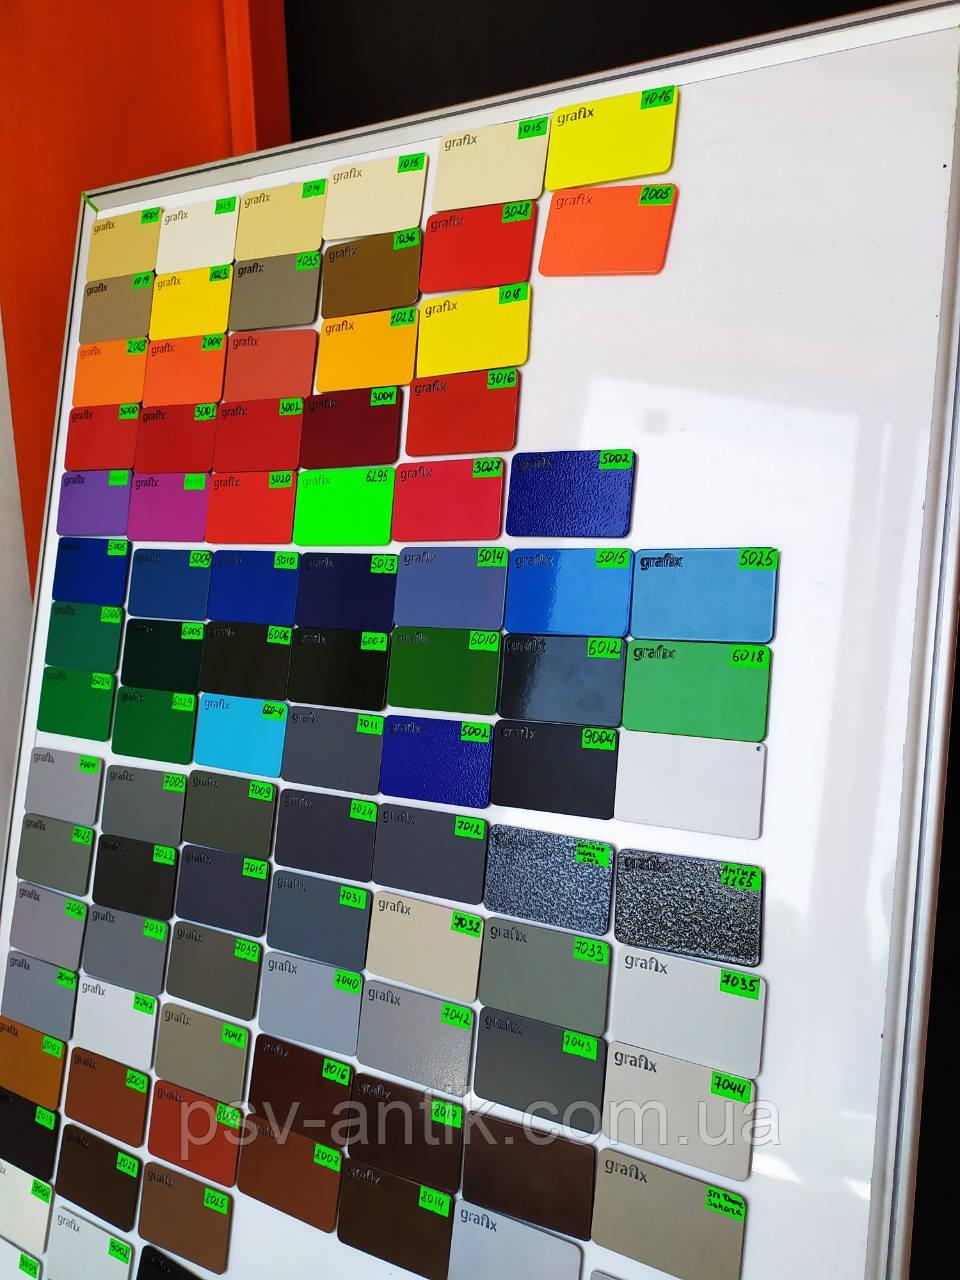 Порошковая краска матовая, полиэфирная, индустриальная, 5015